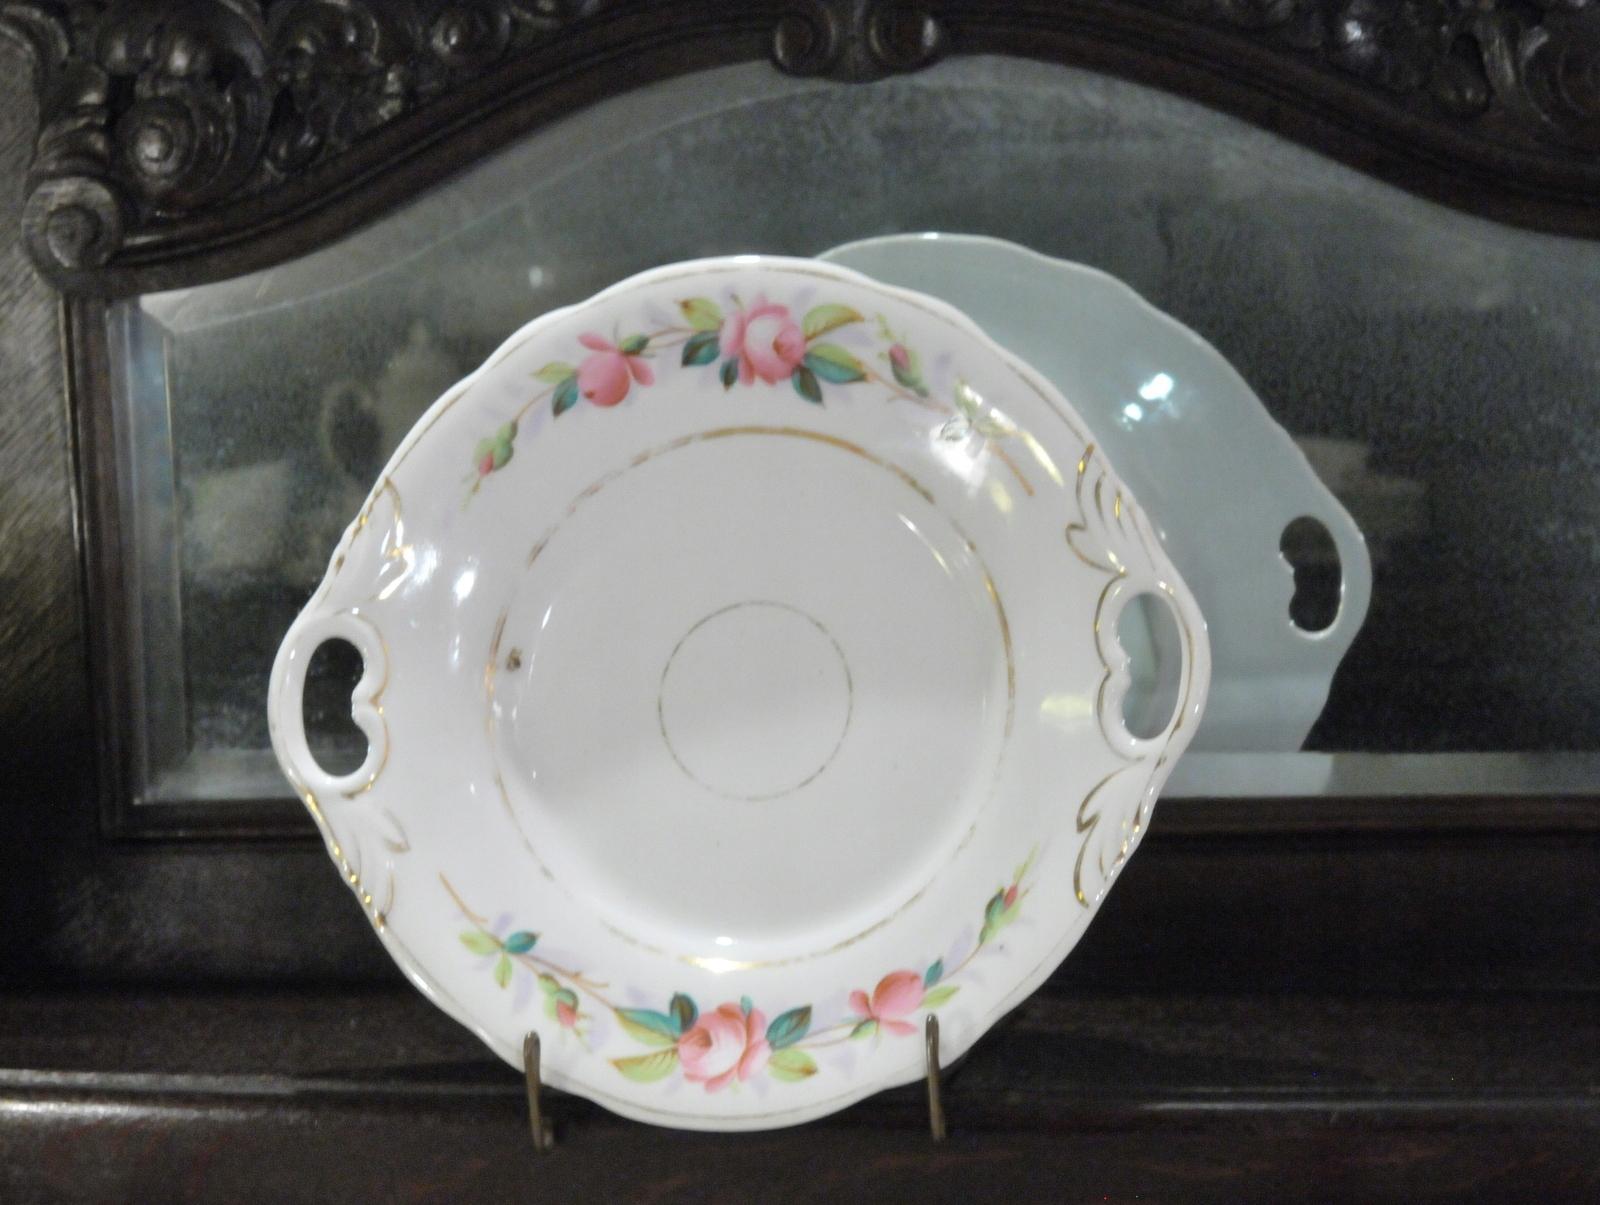 KPM Wałbrzych чаша с розами 1850 г.